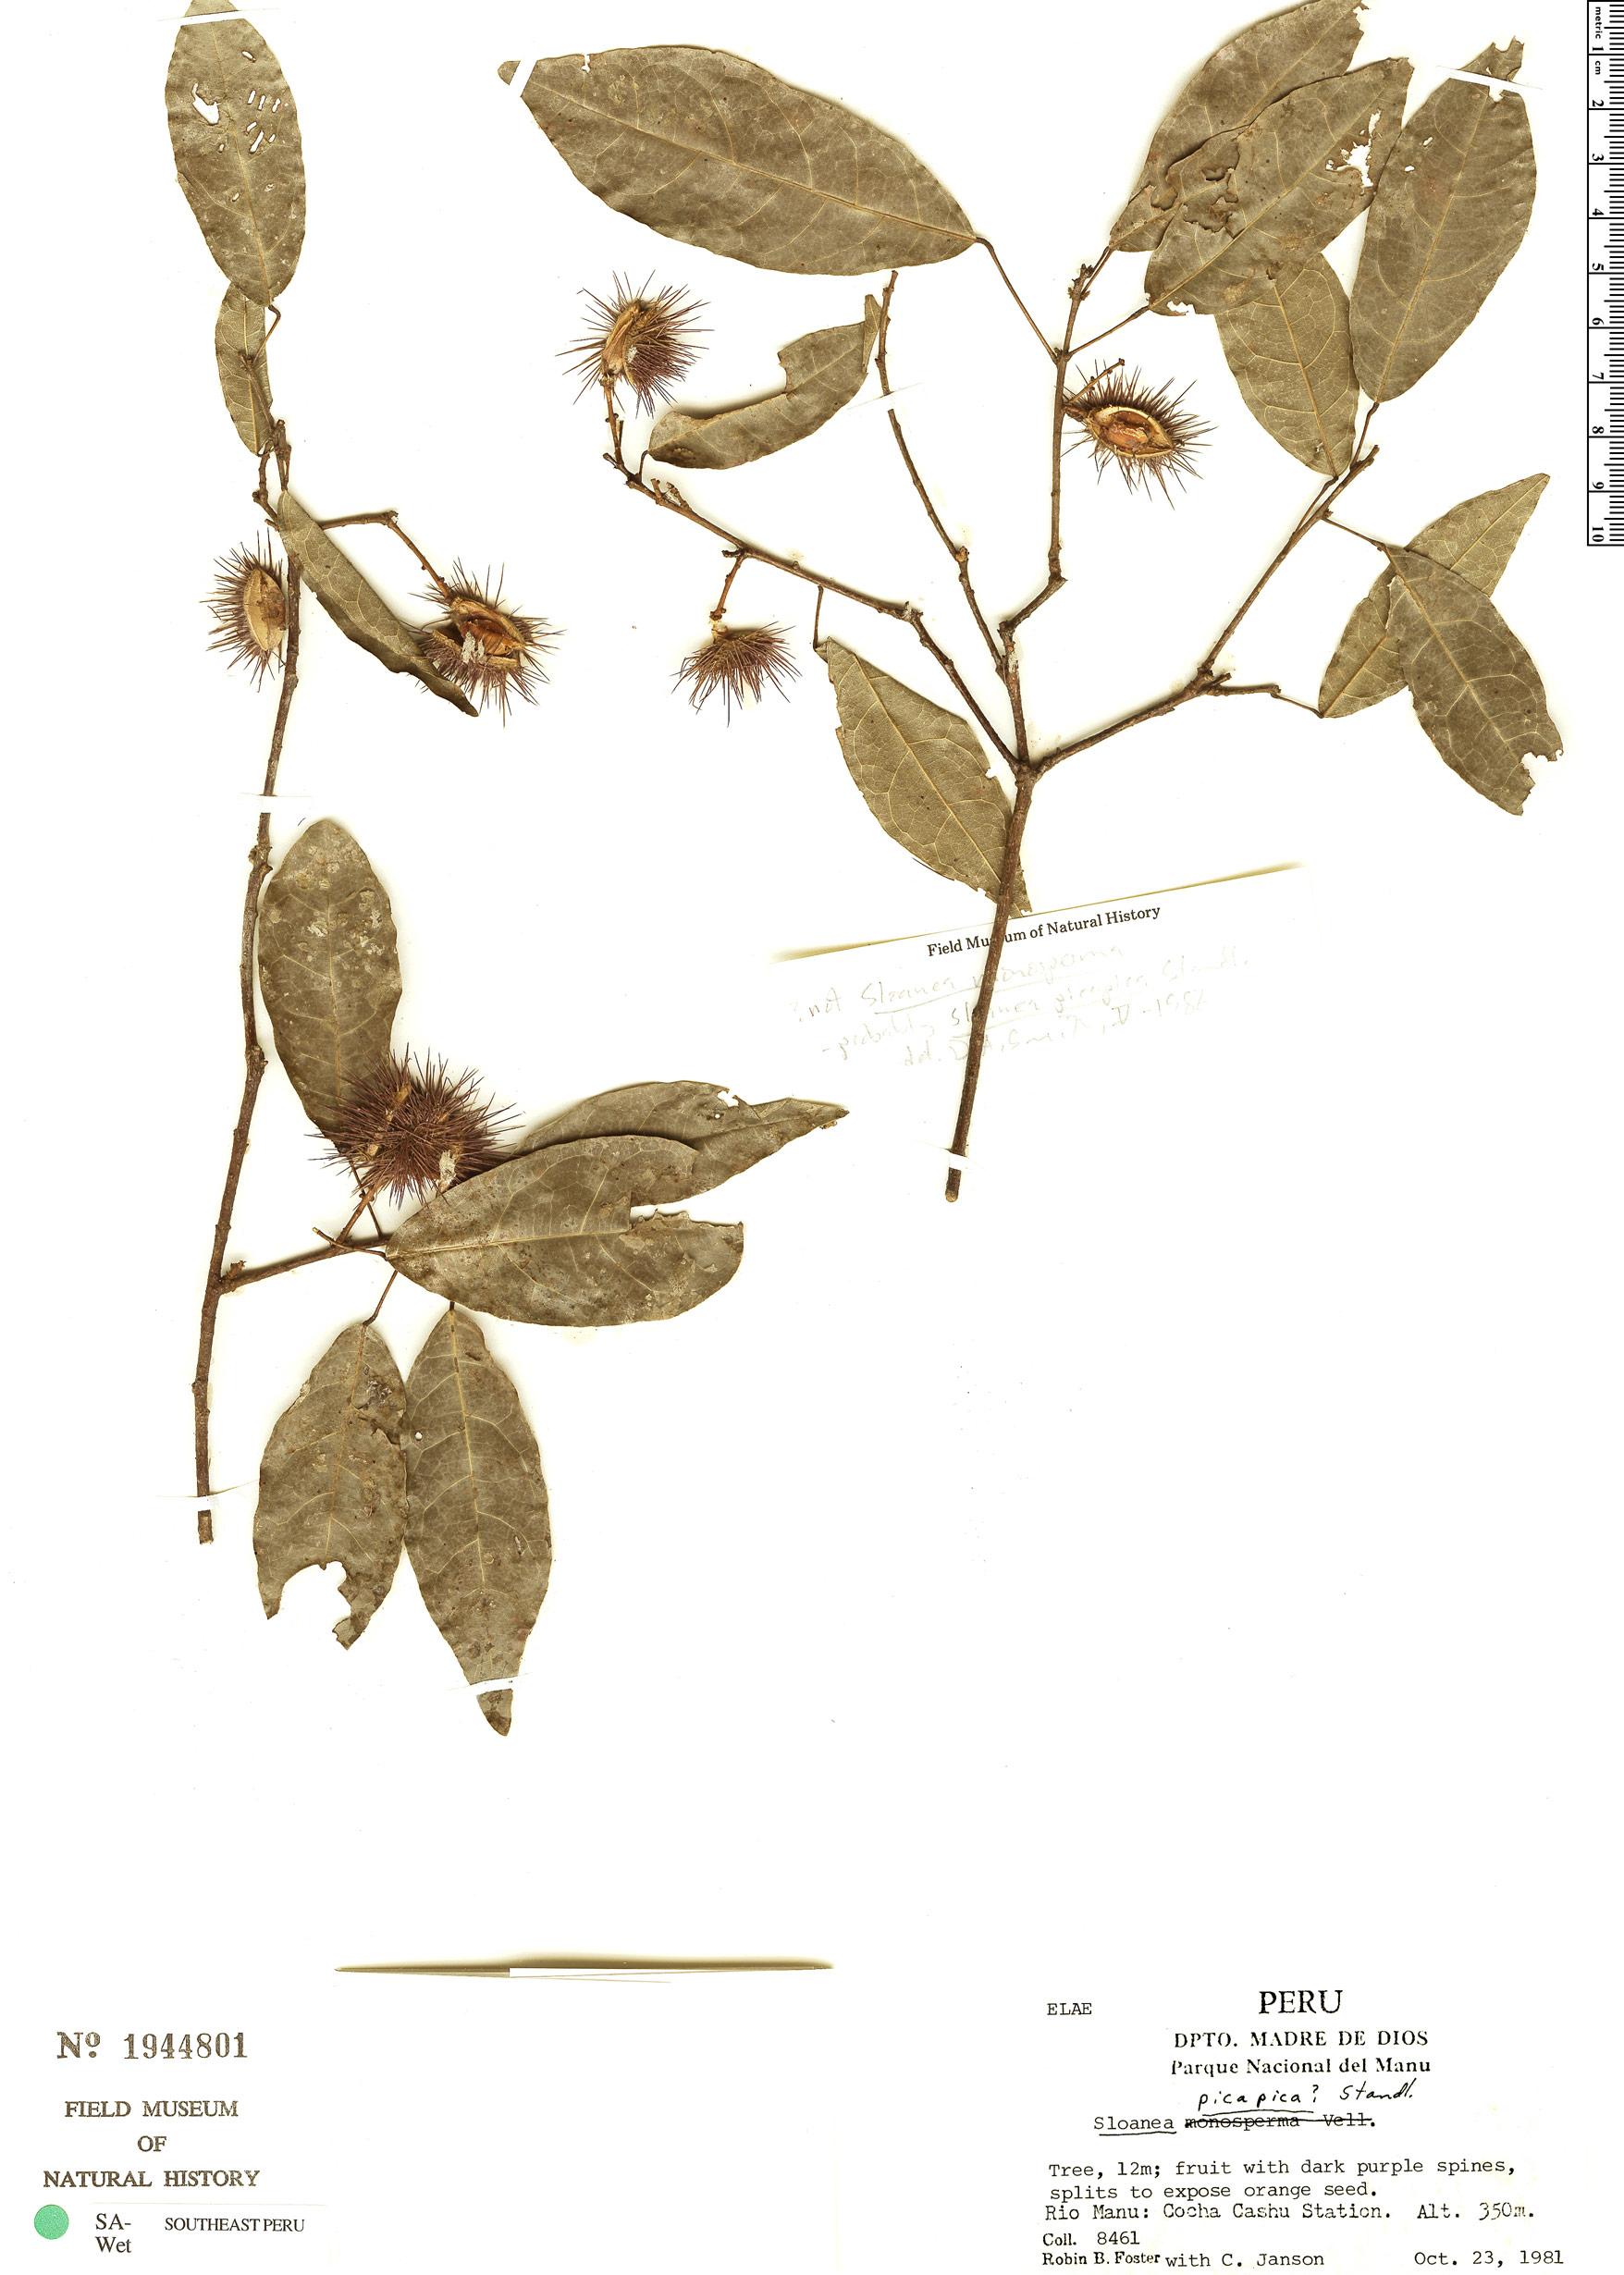 Specimen: Sloanea picapica